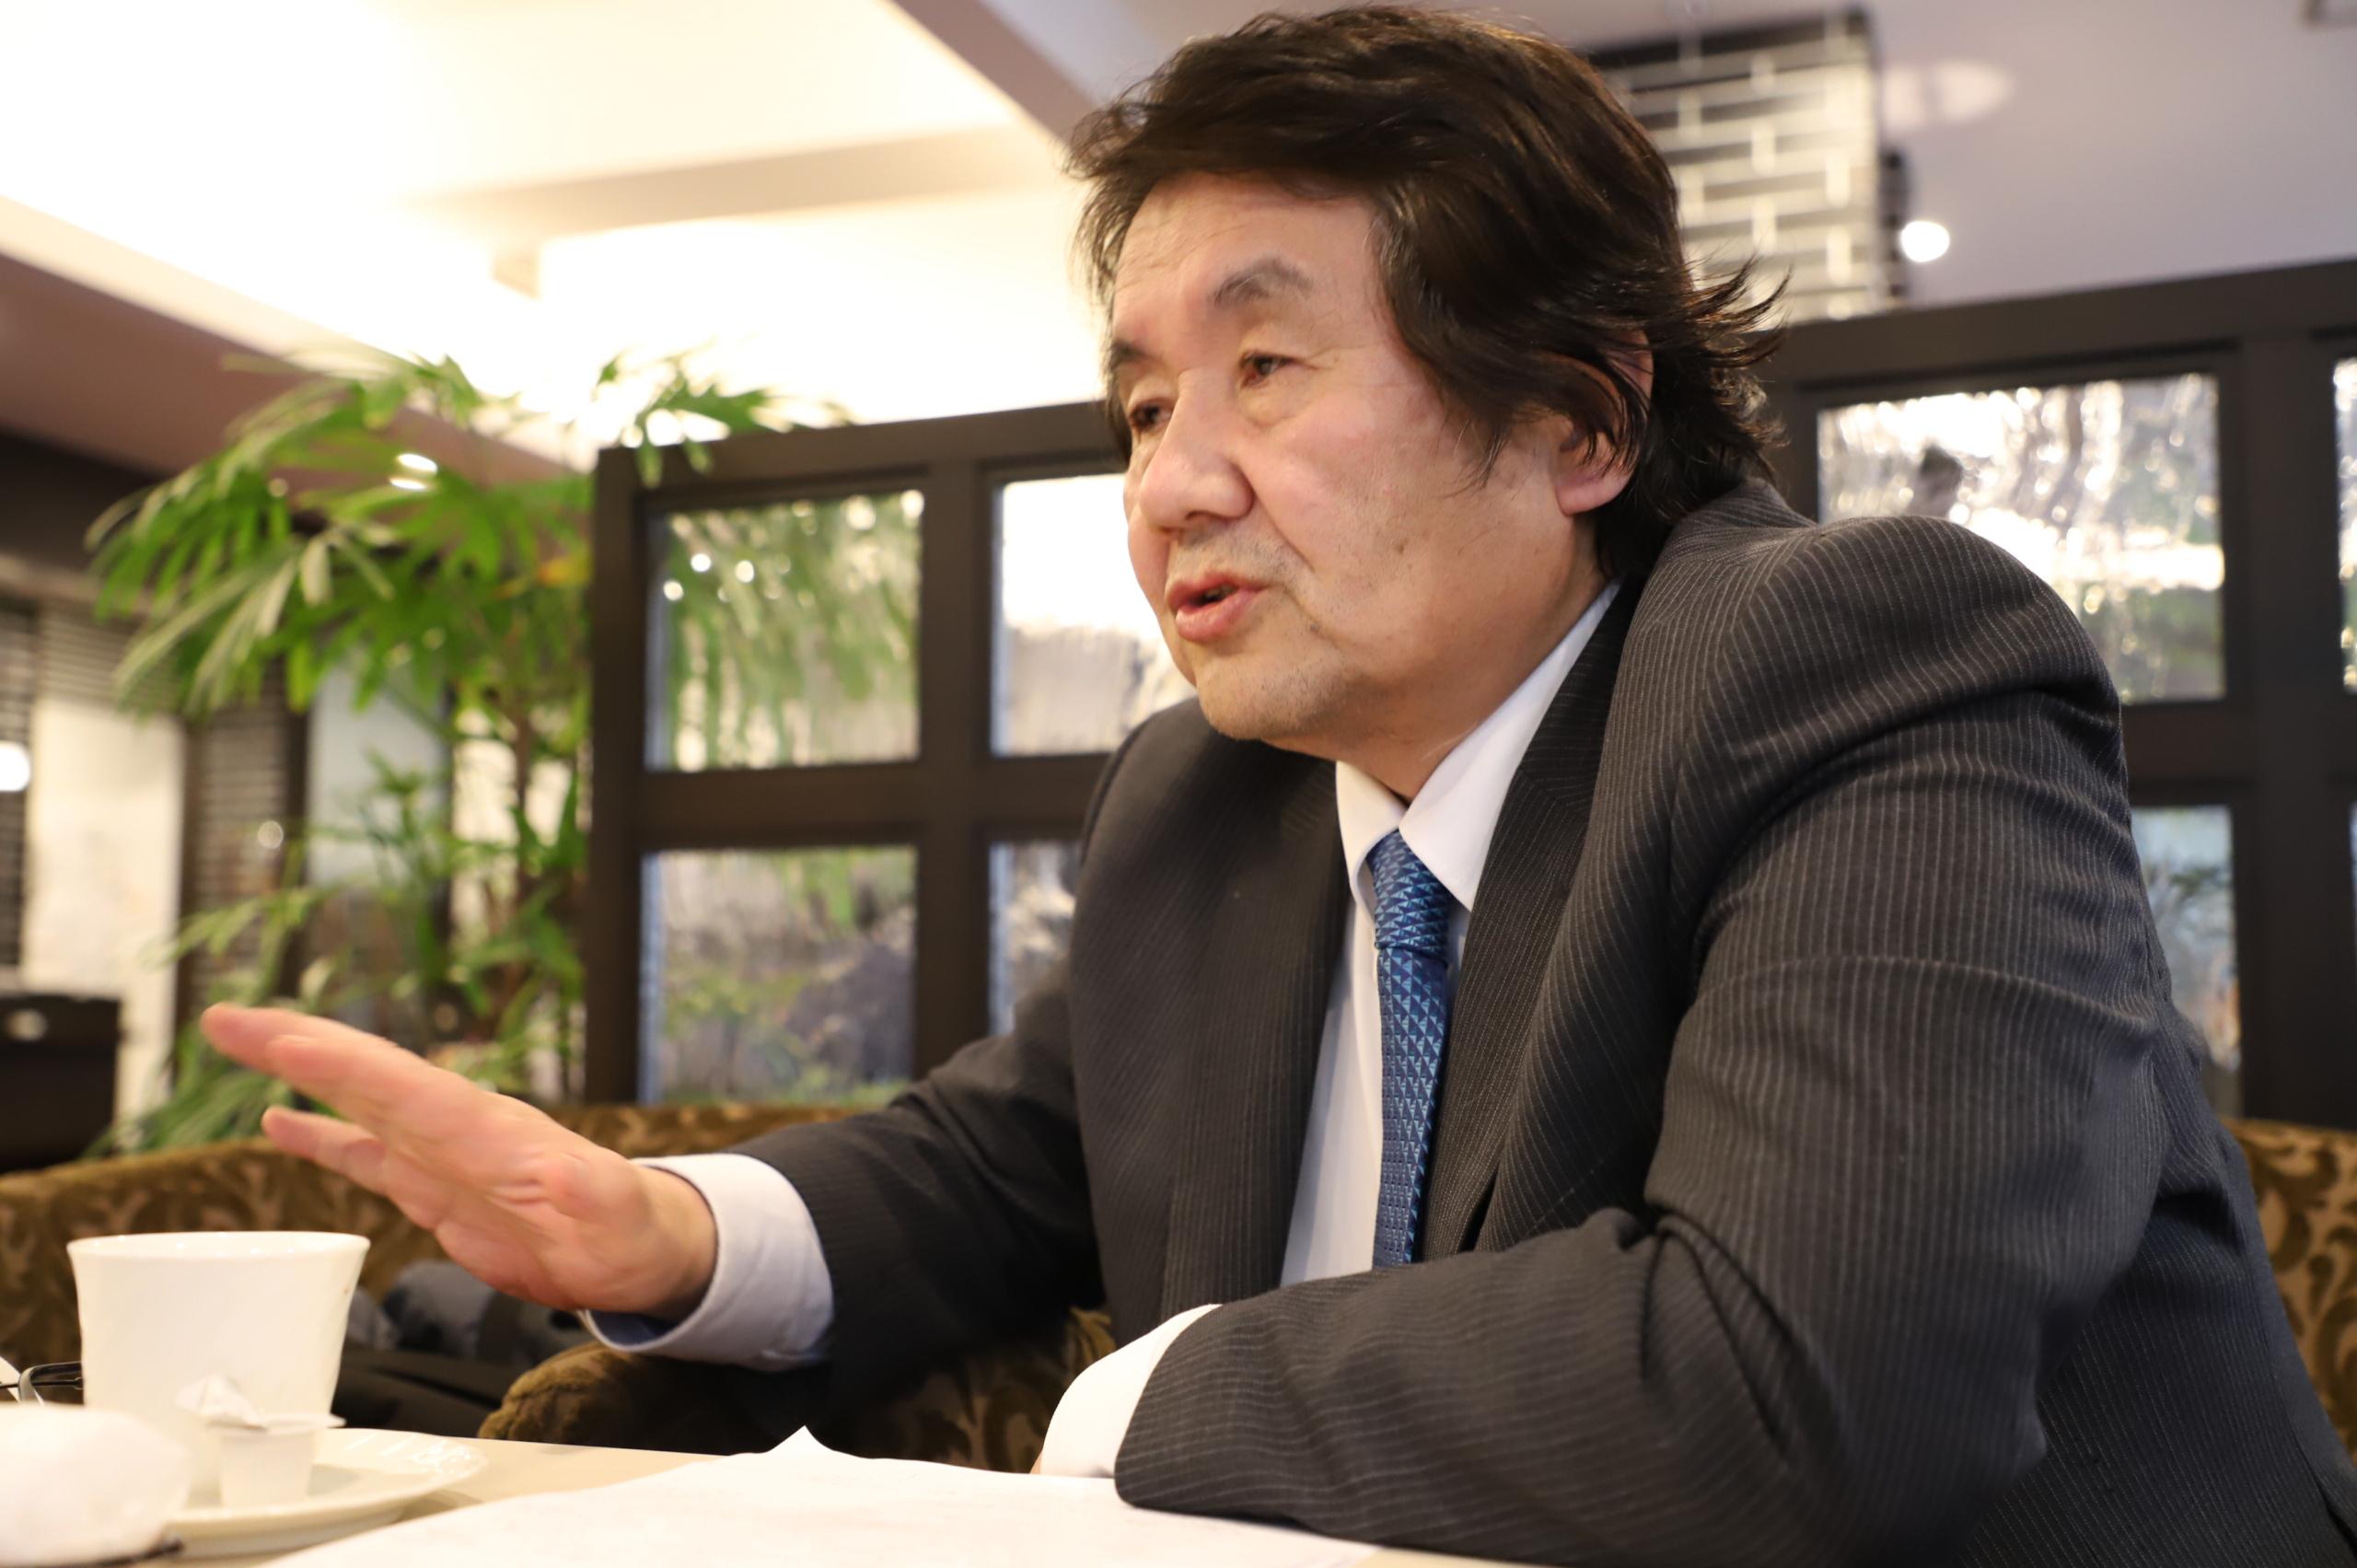 消費生活評論家・岩田昭男さん